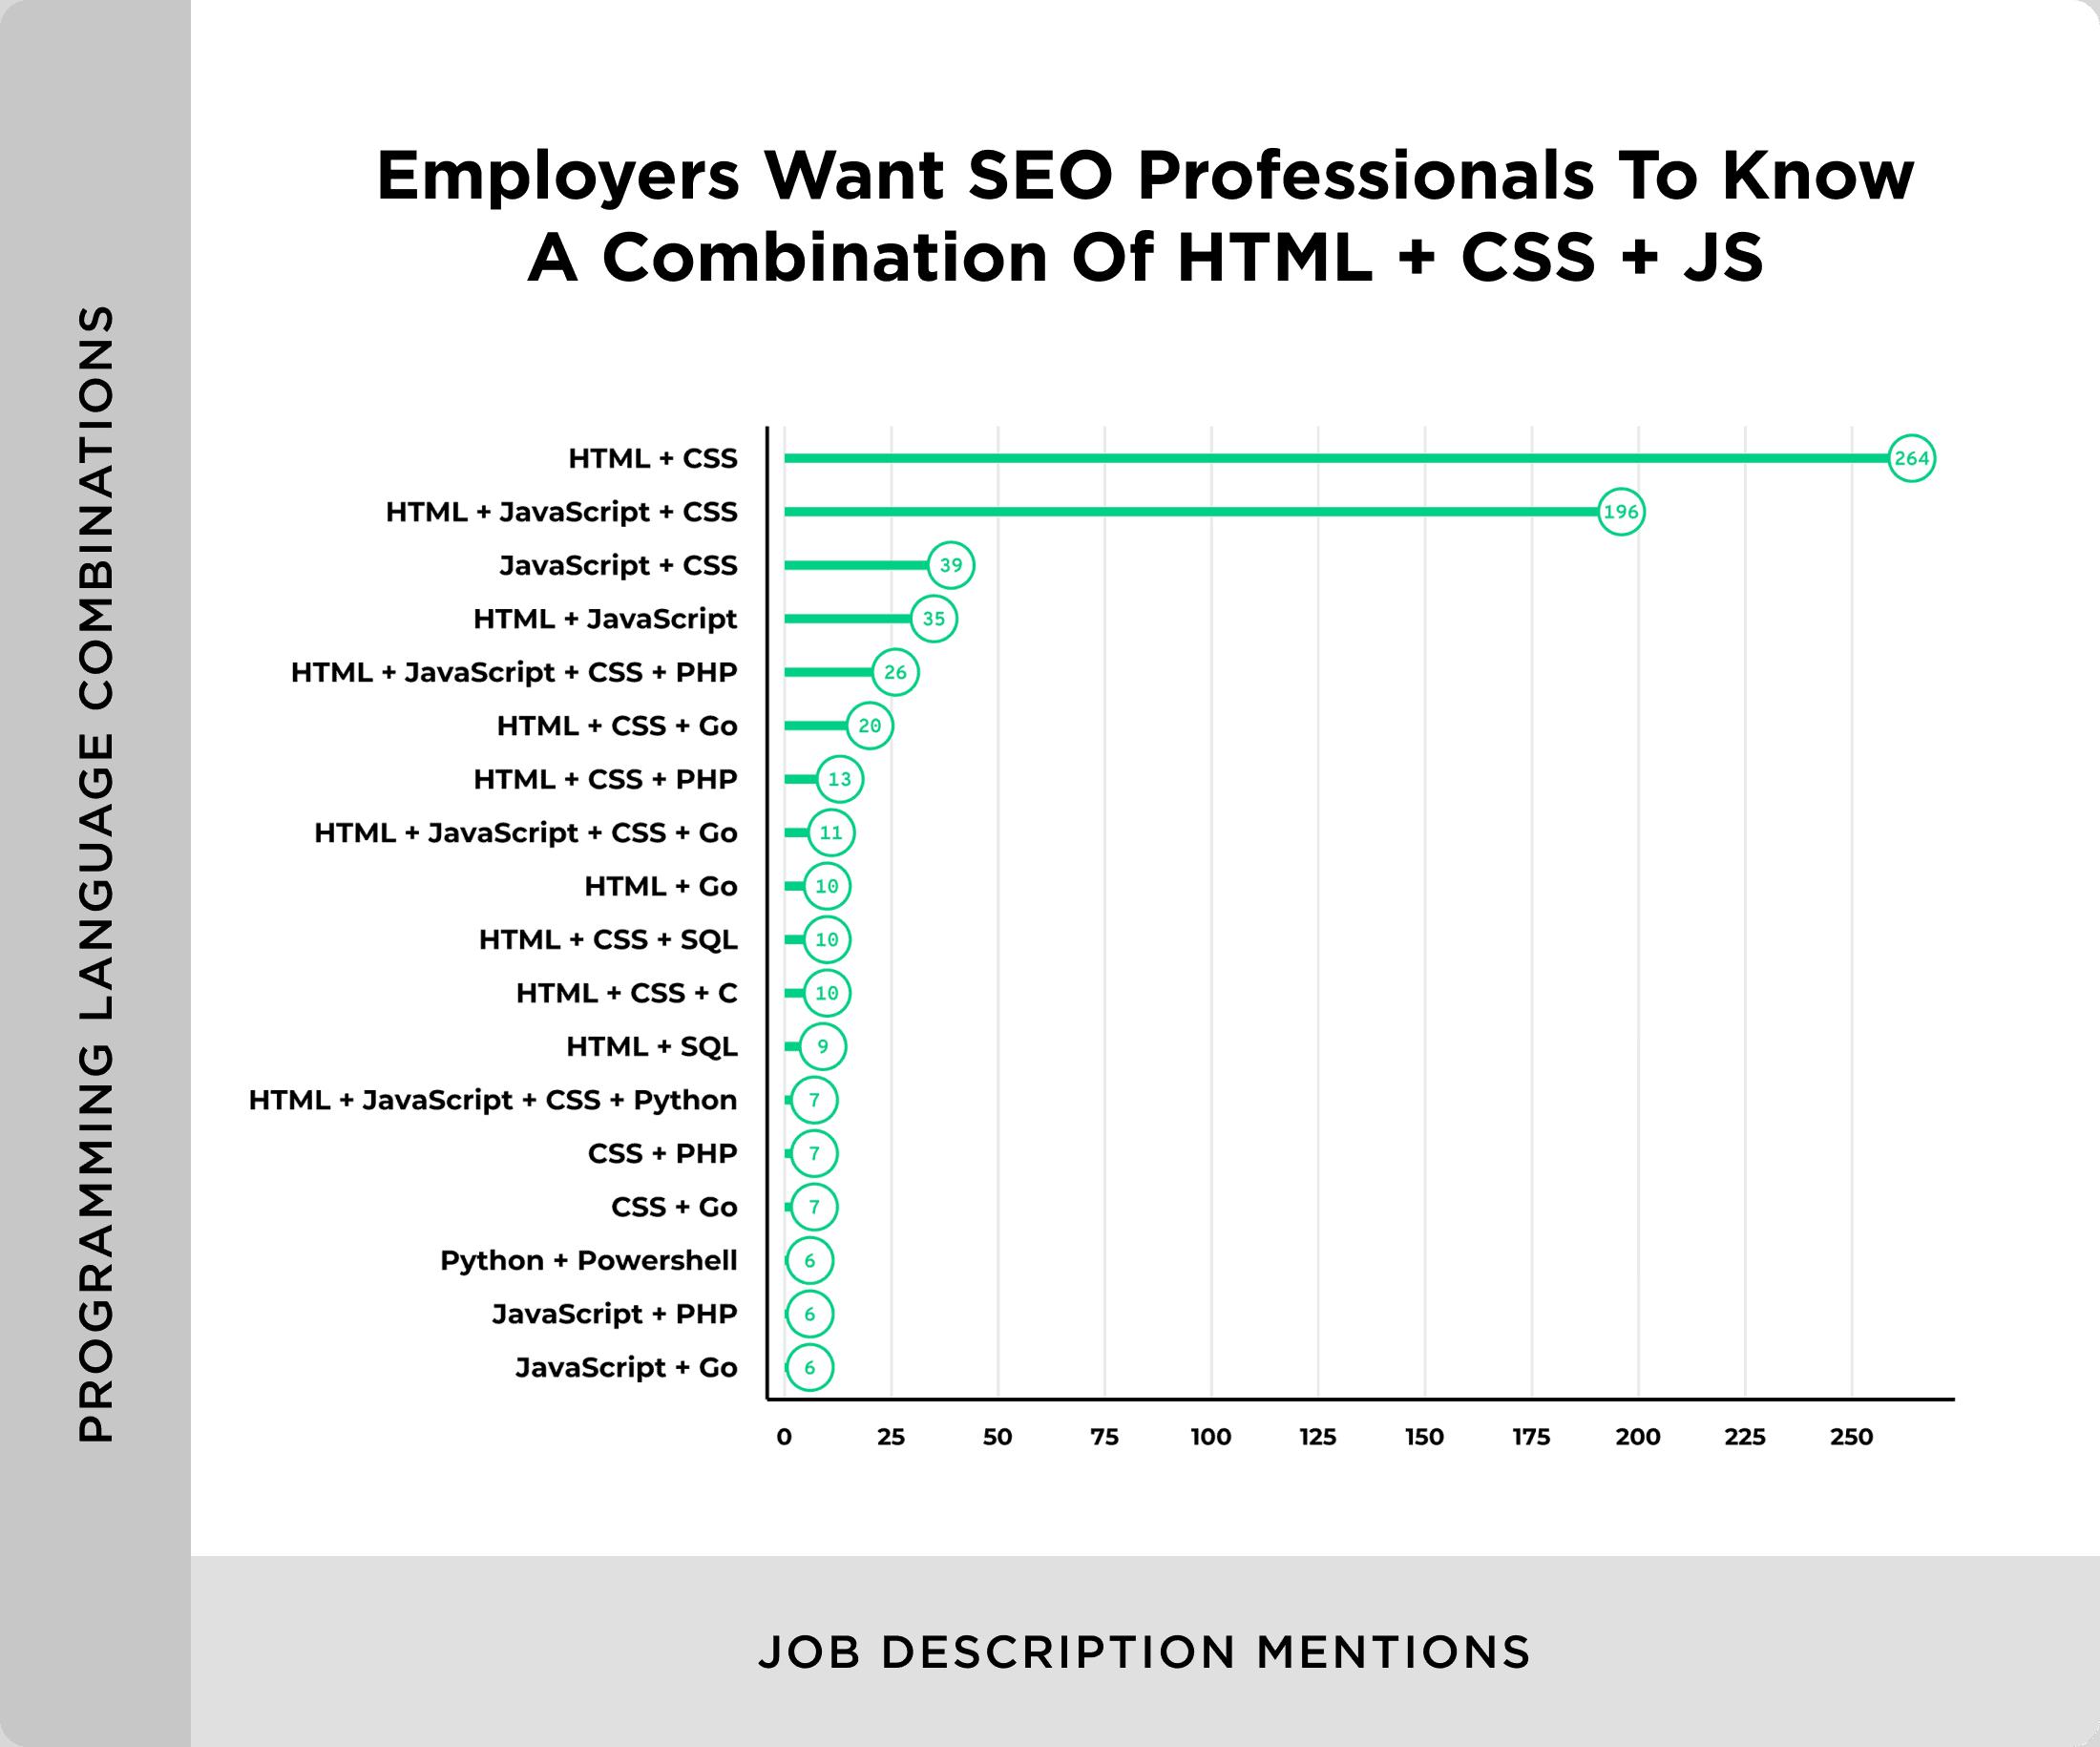 Combinations of programming languages in job descriptions